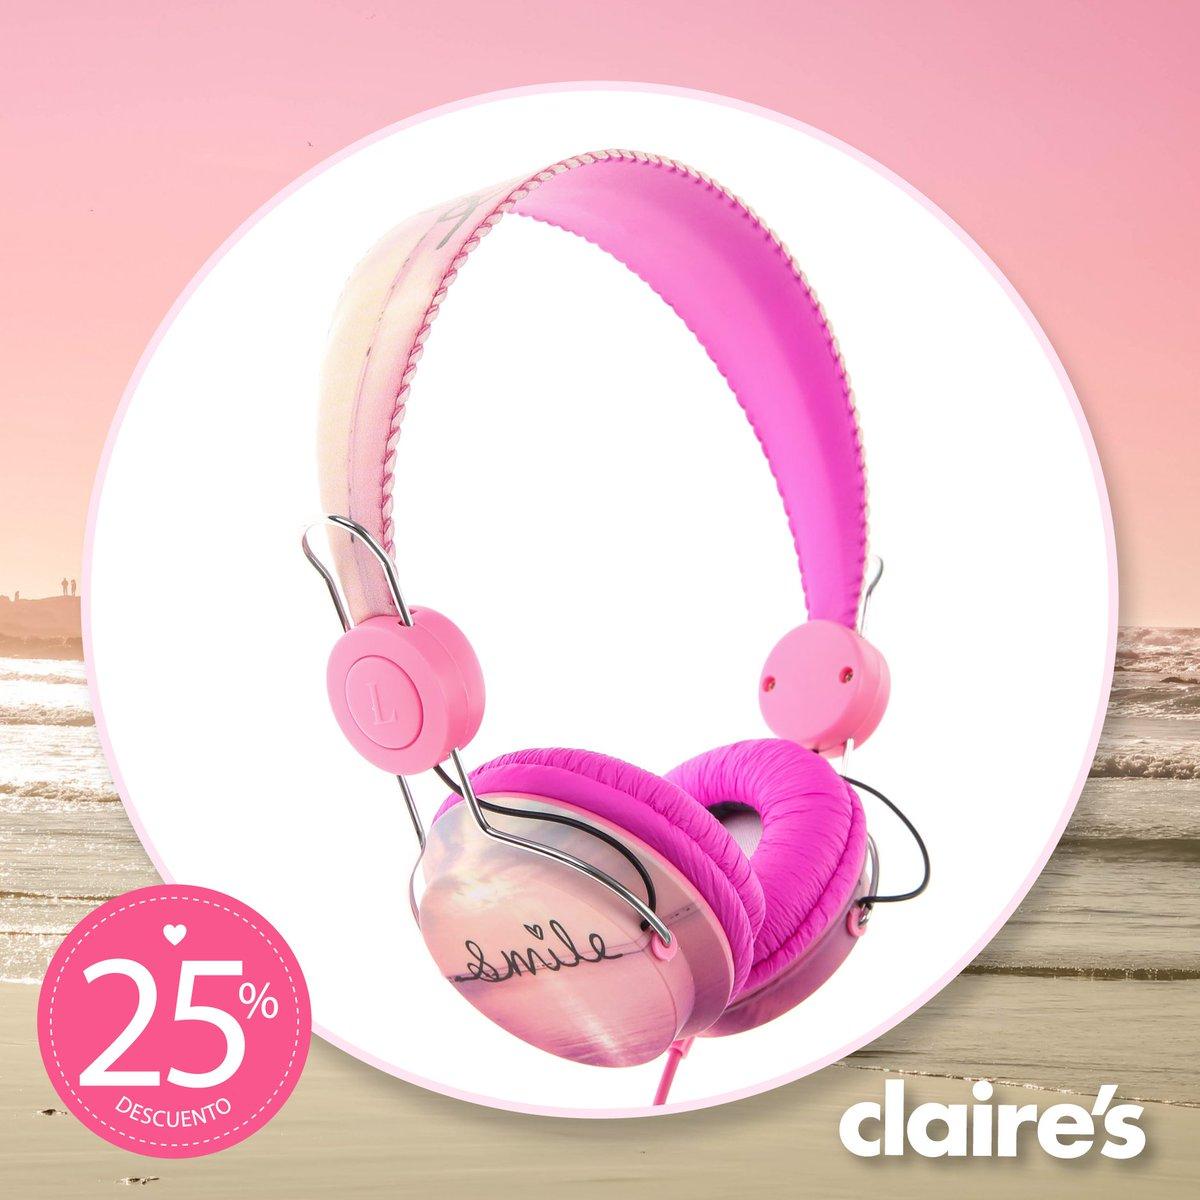 ¡La música es parte de tu vida! La línea de audífonos #Claires con 25% DE DESCUENTO https://t.co/BHtrLmS5Ou